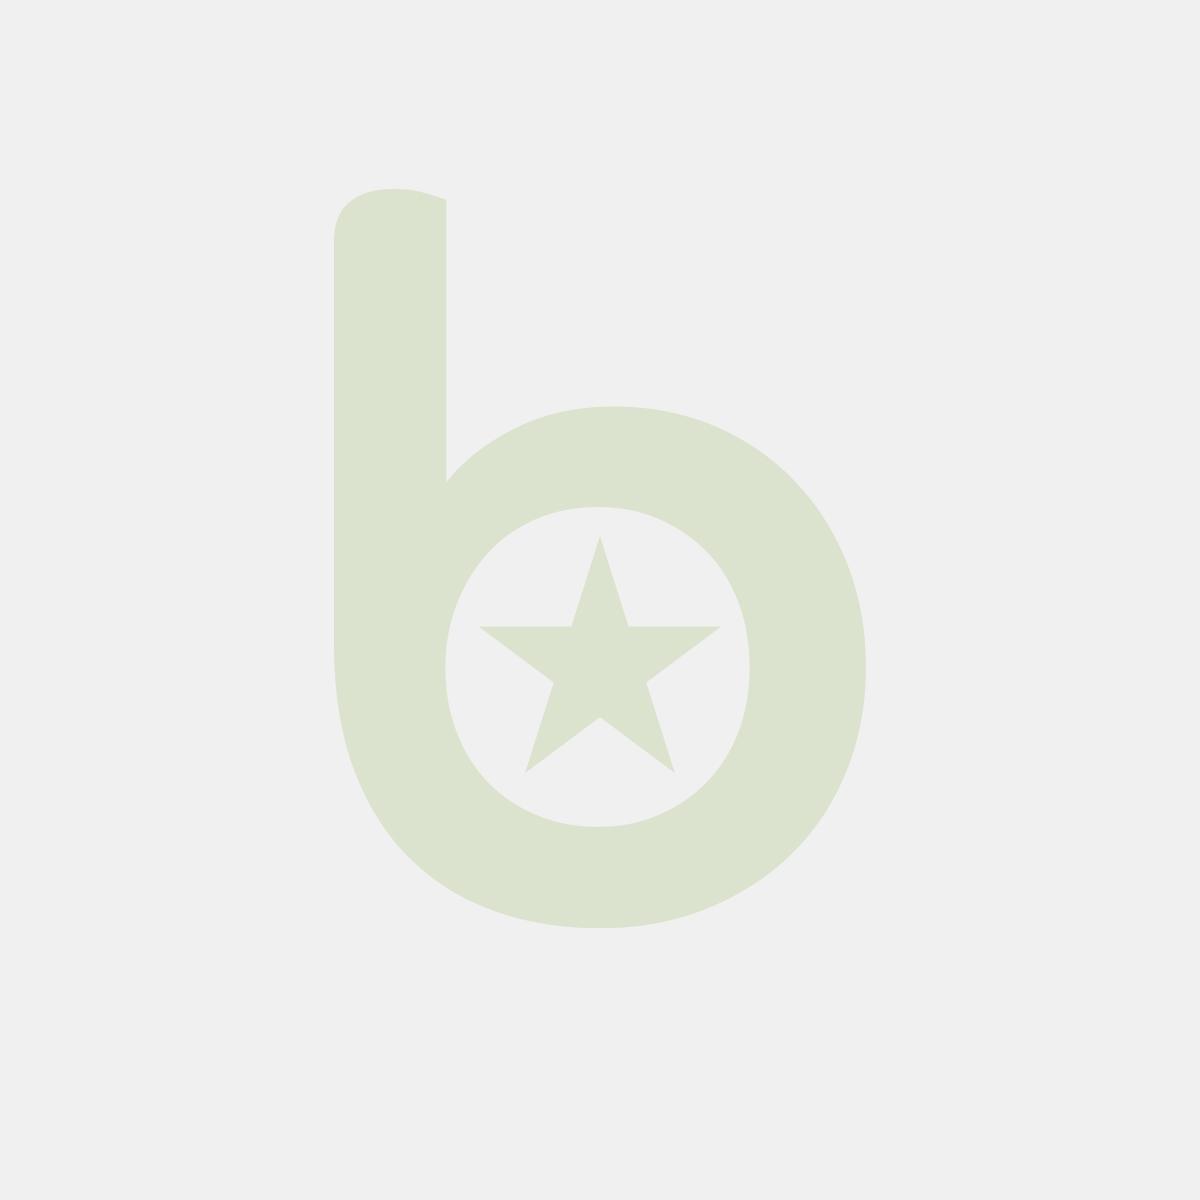 Zestaw długopisów SCHNEIDER Slider Basic, XB, 4 szt., miks kolorów neonowych